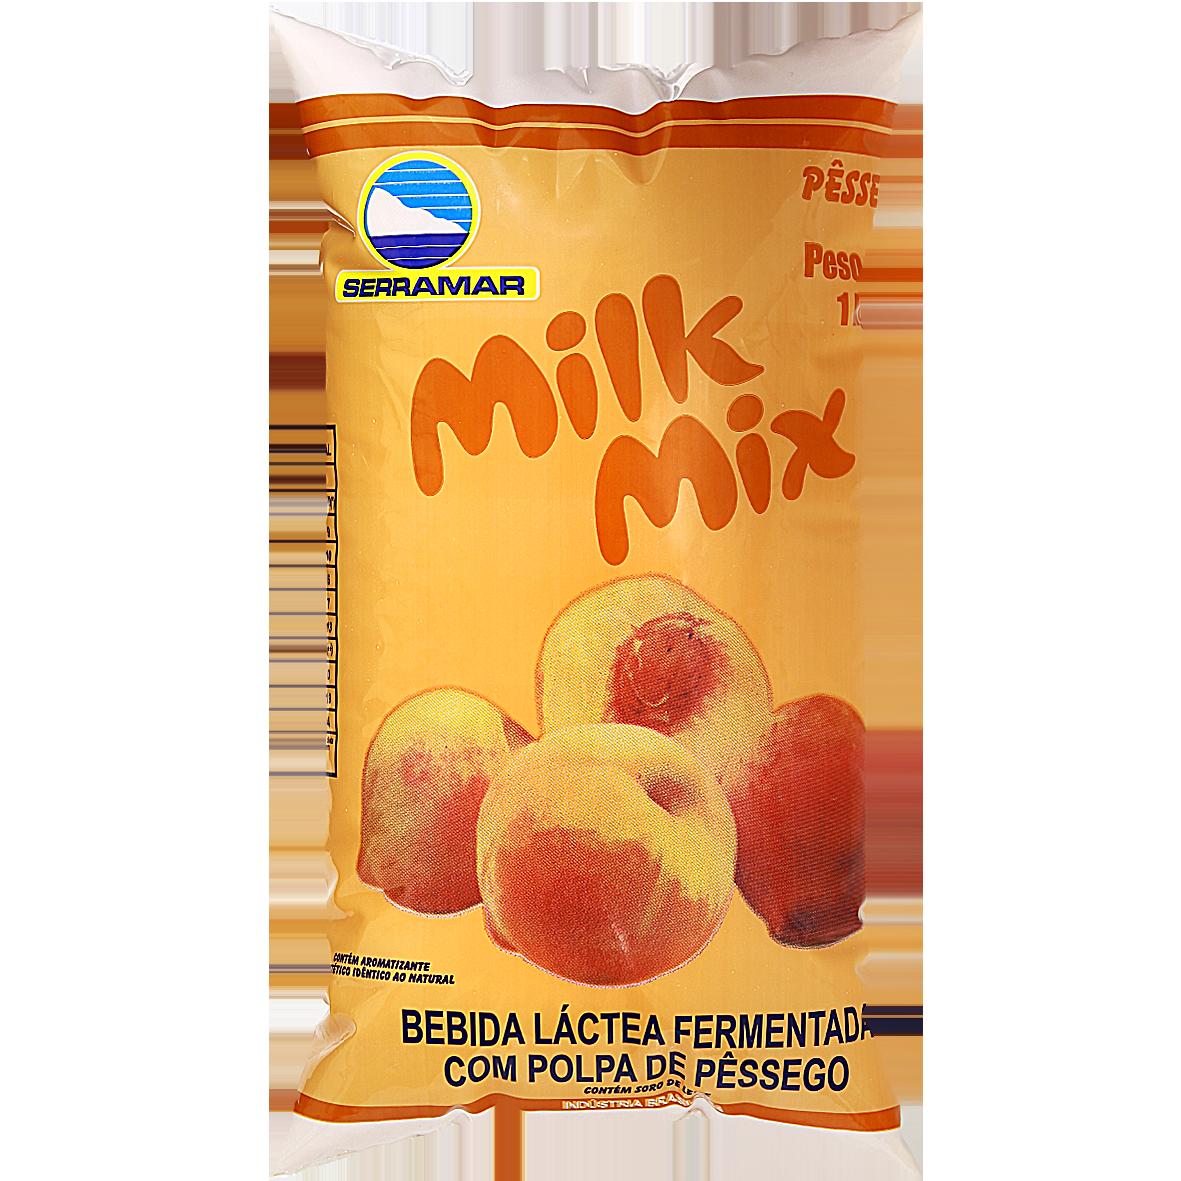 Bebida Láctea Fermentada com Preparado de Pêsssego